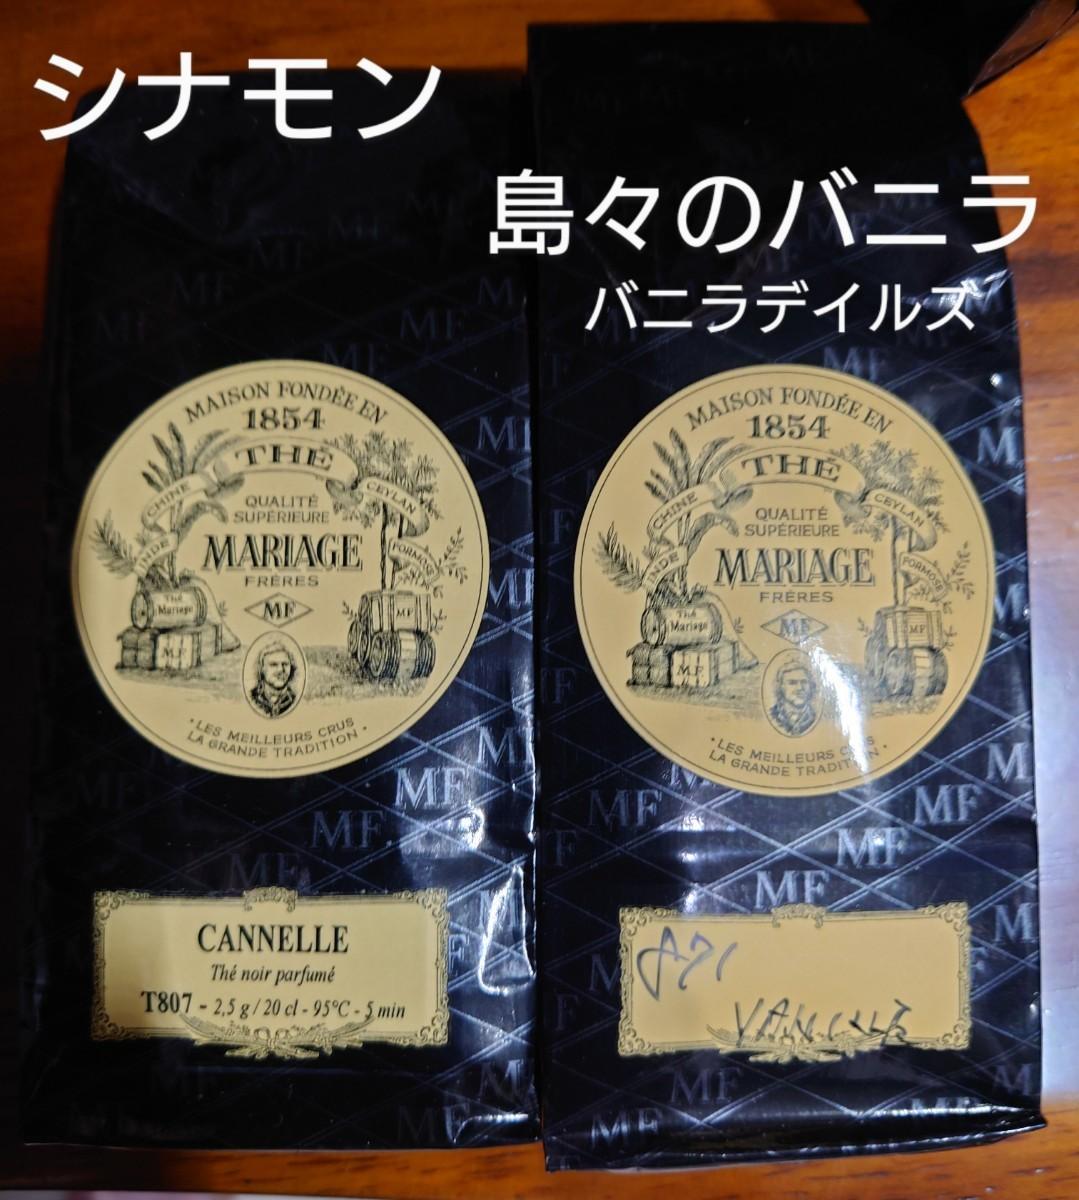 変更可 マリアージュフレール 紅茶 バニラシナモン マルコポーロルージュ ボレロアールグレイフレンチブルーウェディングインペリアル